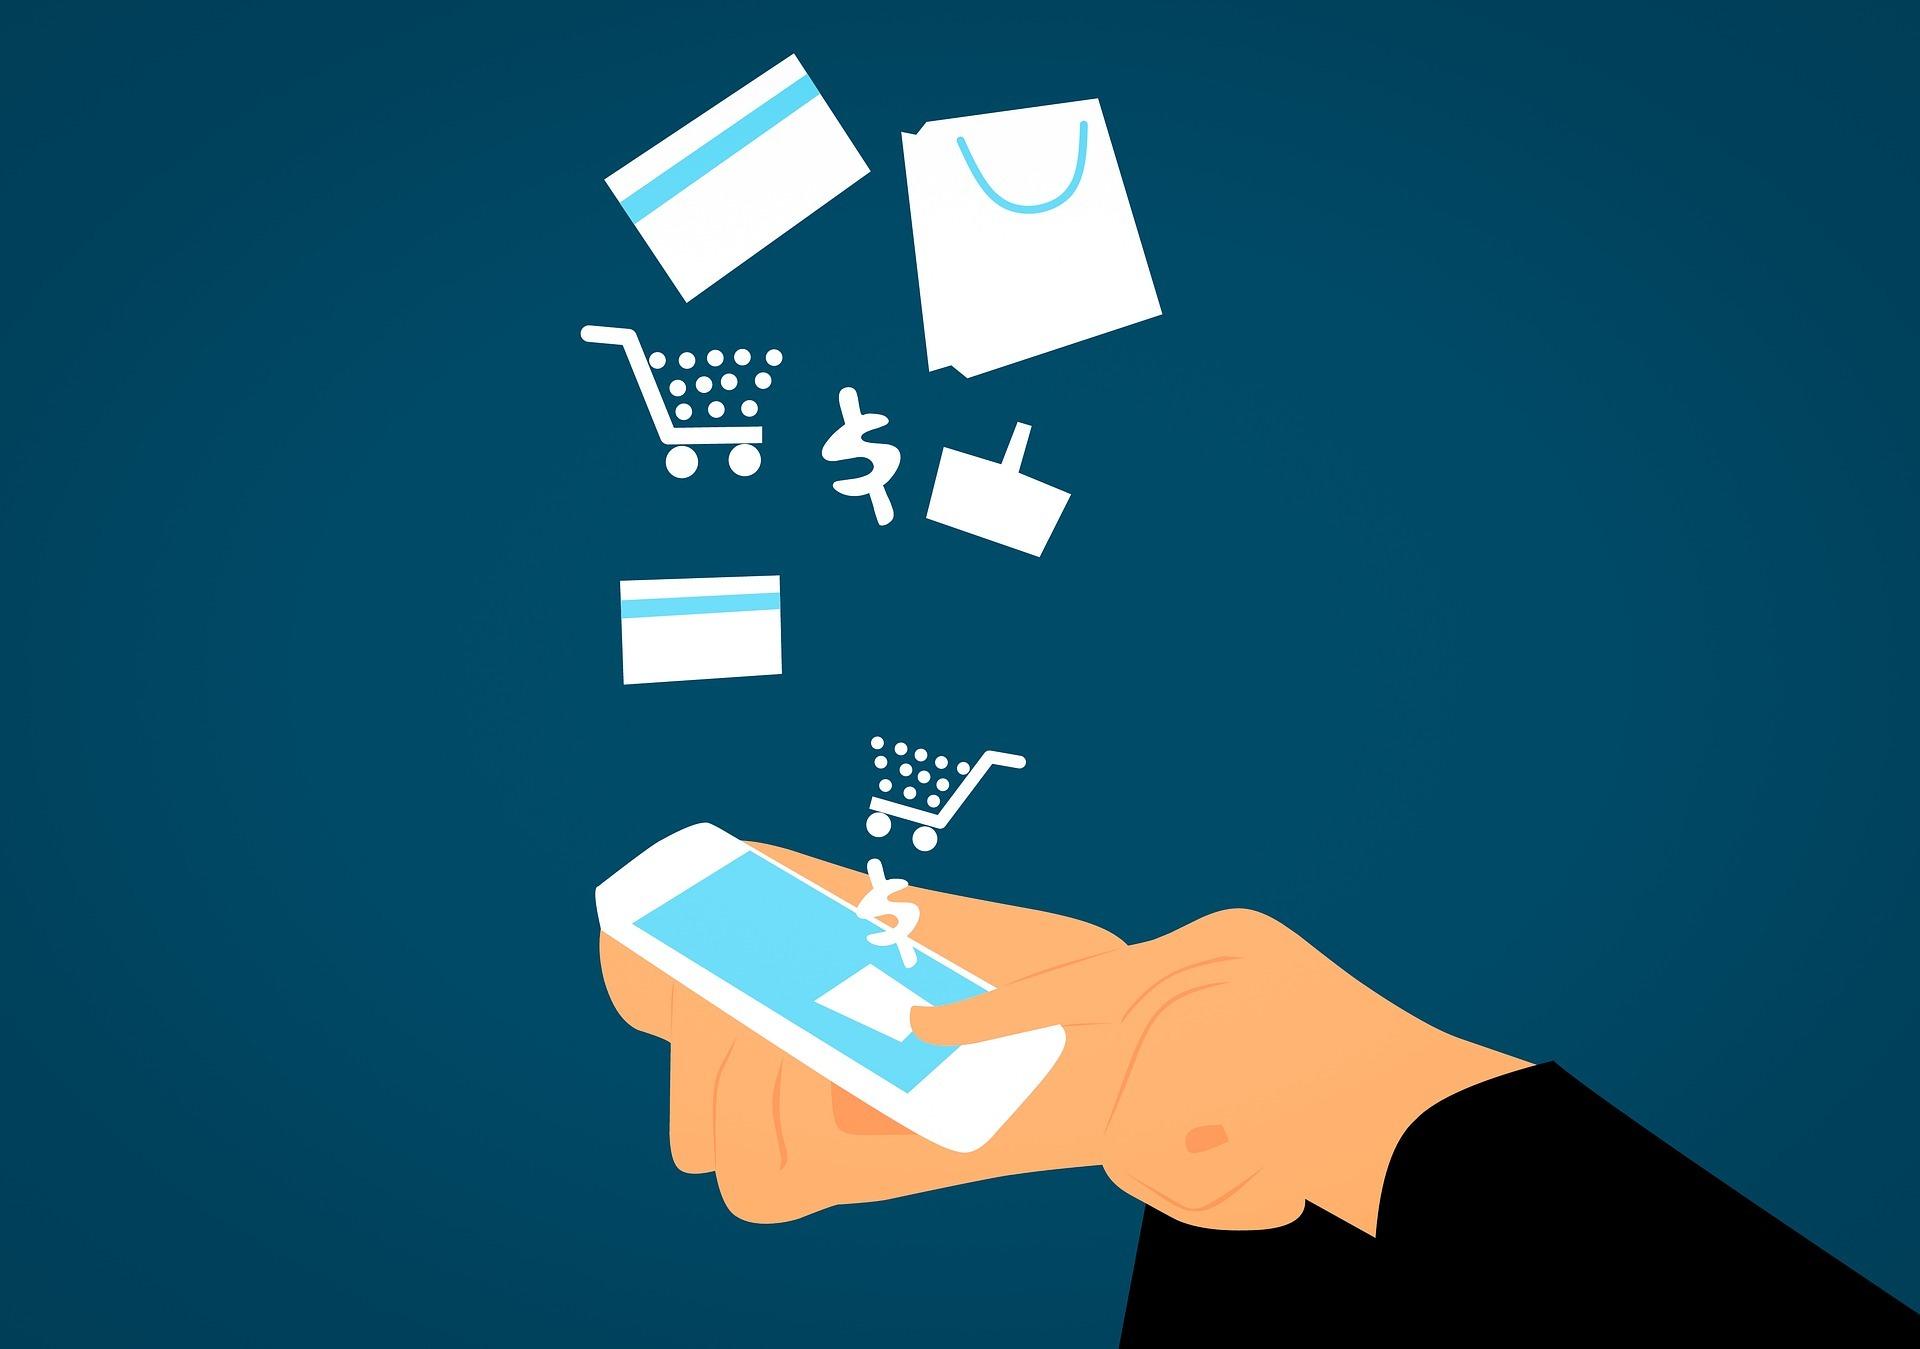 線上購物平台將成新媒體入口?從蝦皮購物看電商4 大趨勢  SmartM 新網路科技